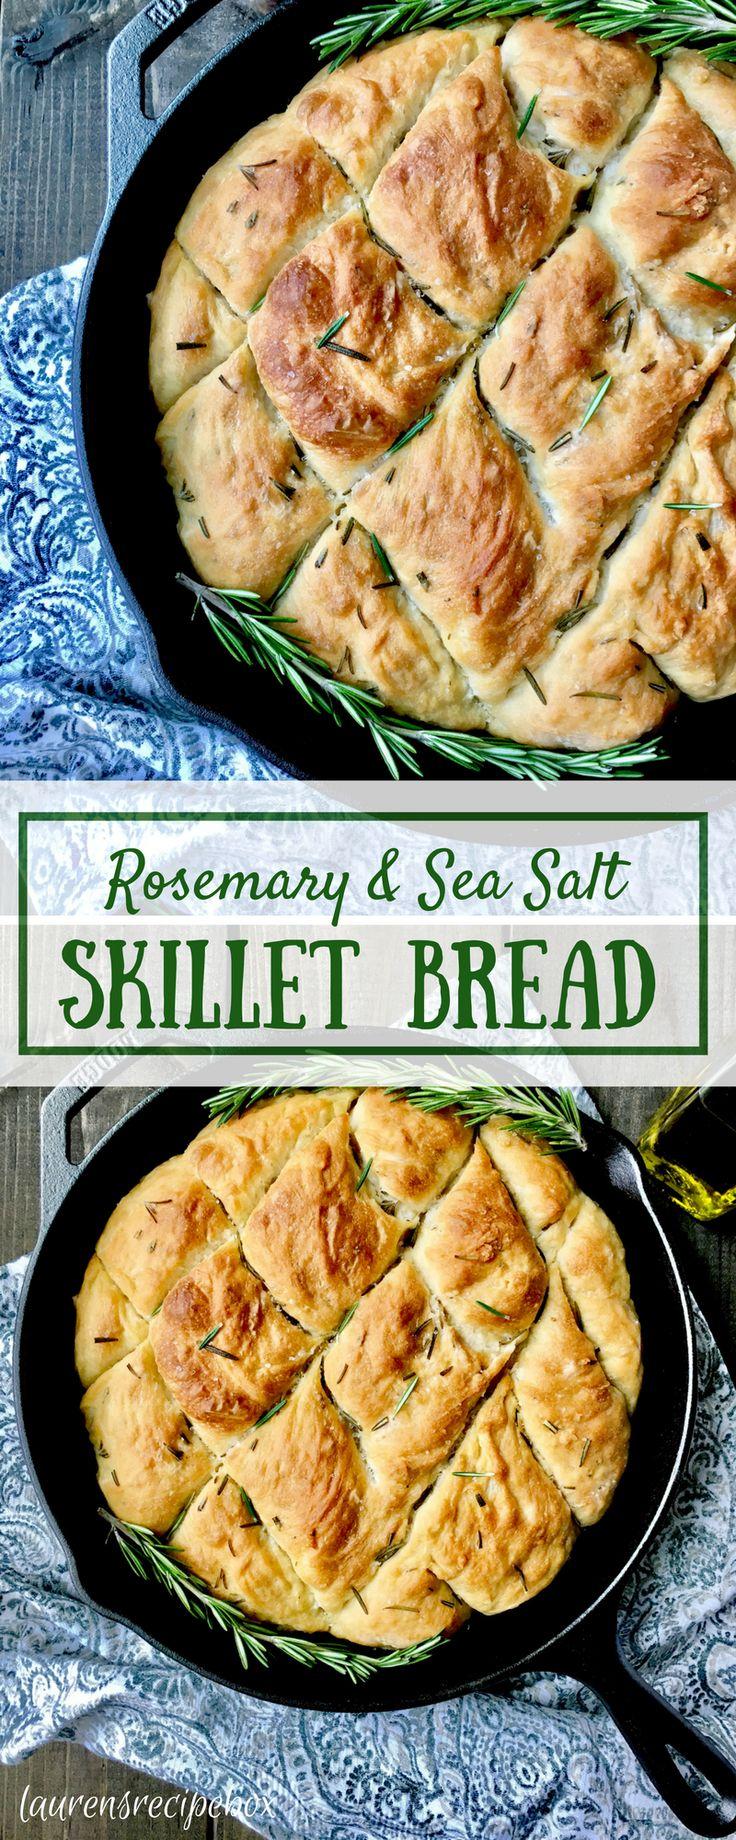 Rosemary and Sea Salt Skillet Bread